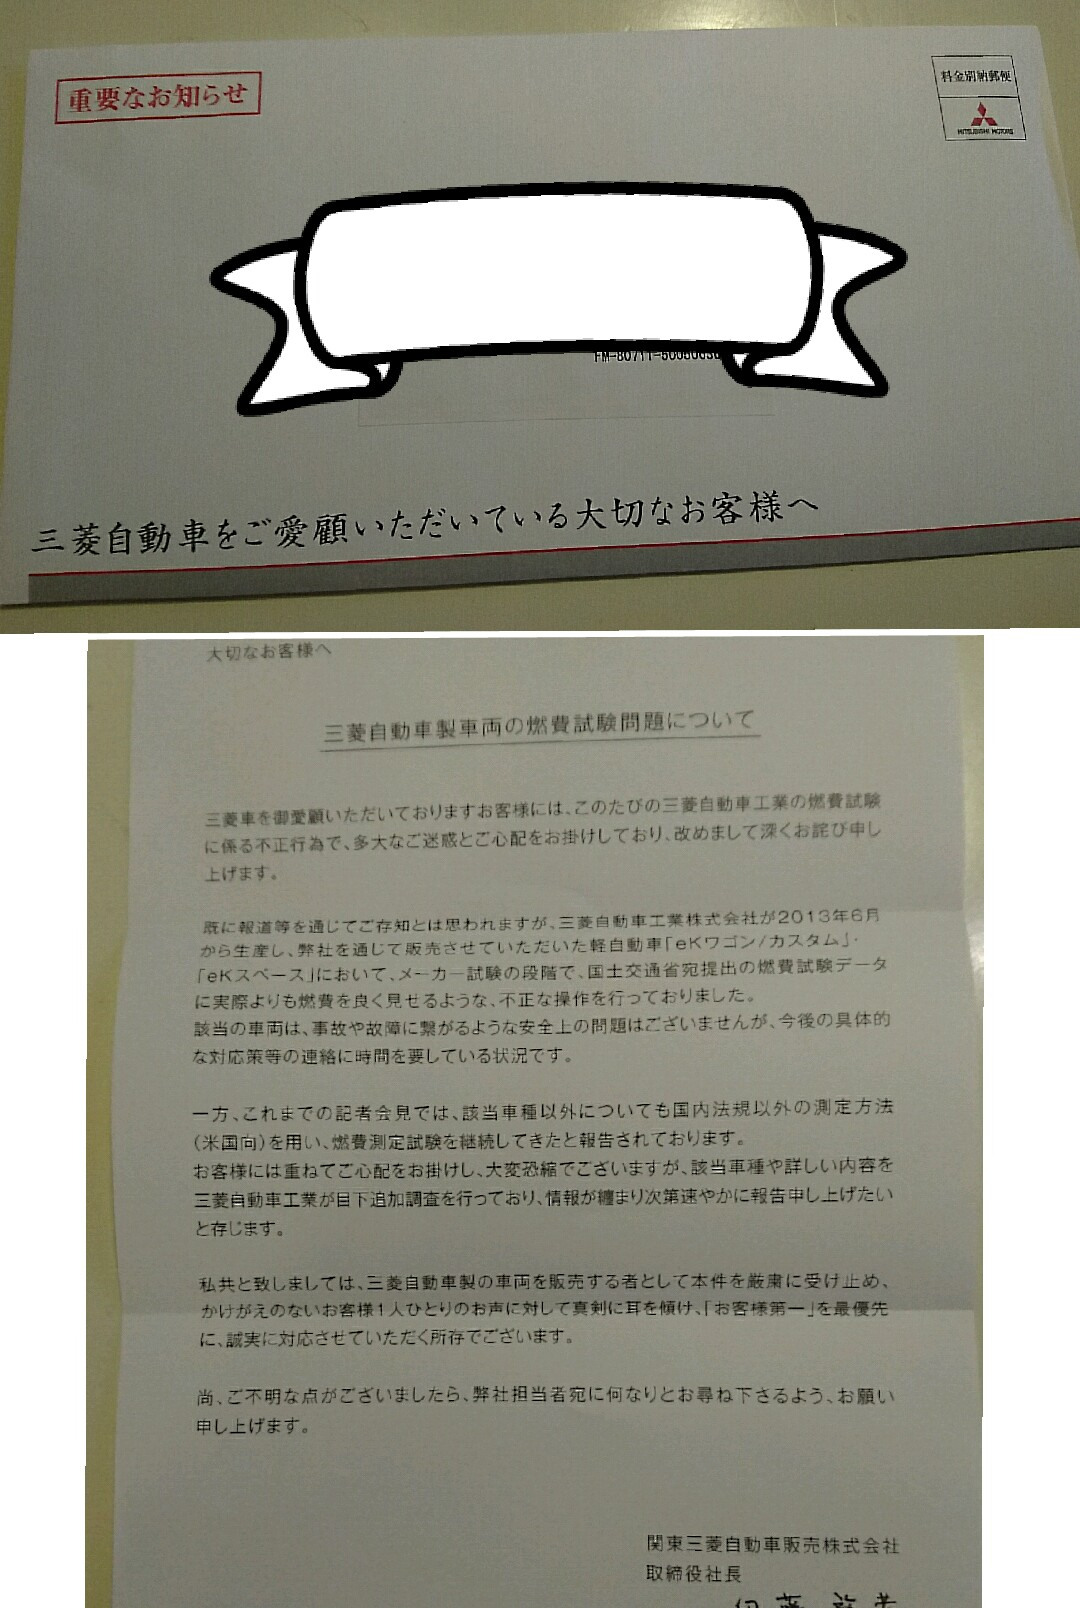 三菱販売店 不正謝罪手紙